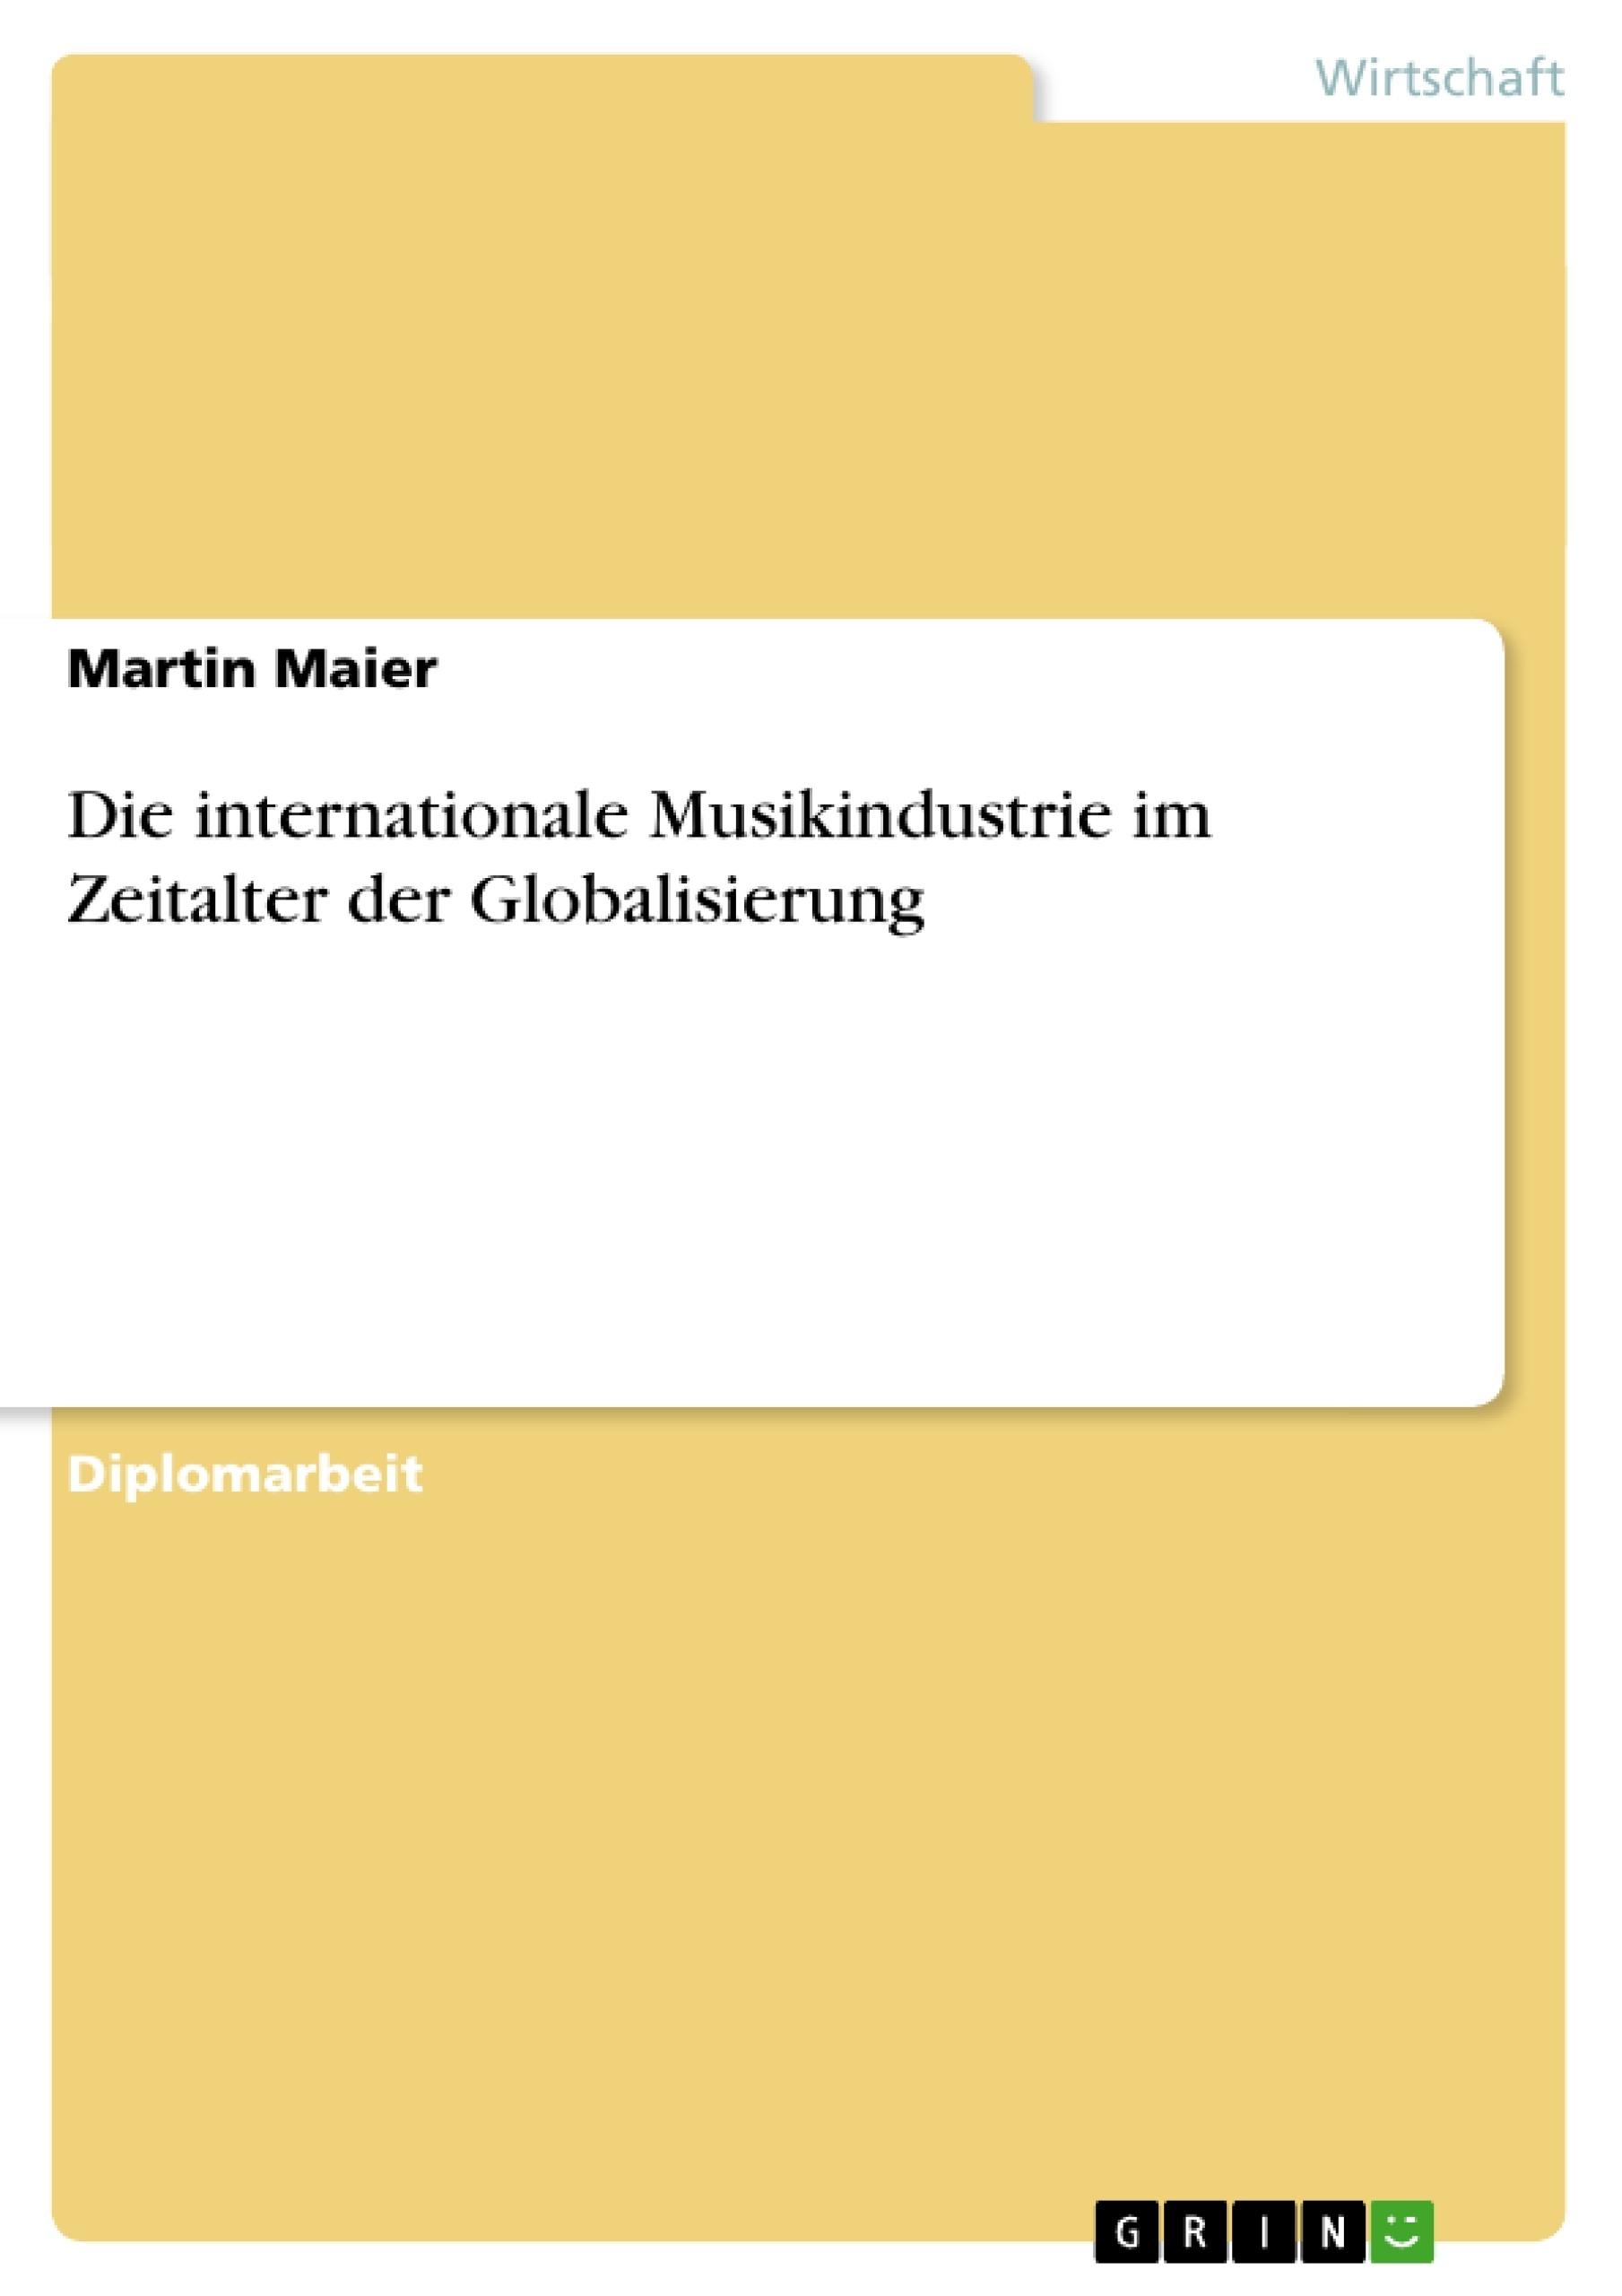 Titel: Die internationale Musikindustrie im Zeitalter der Globalisierung